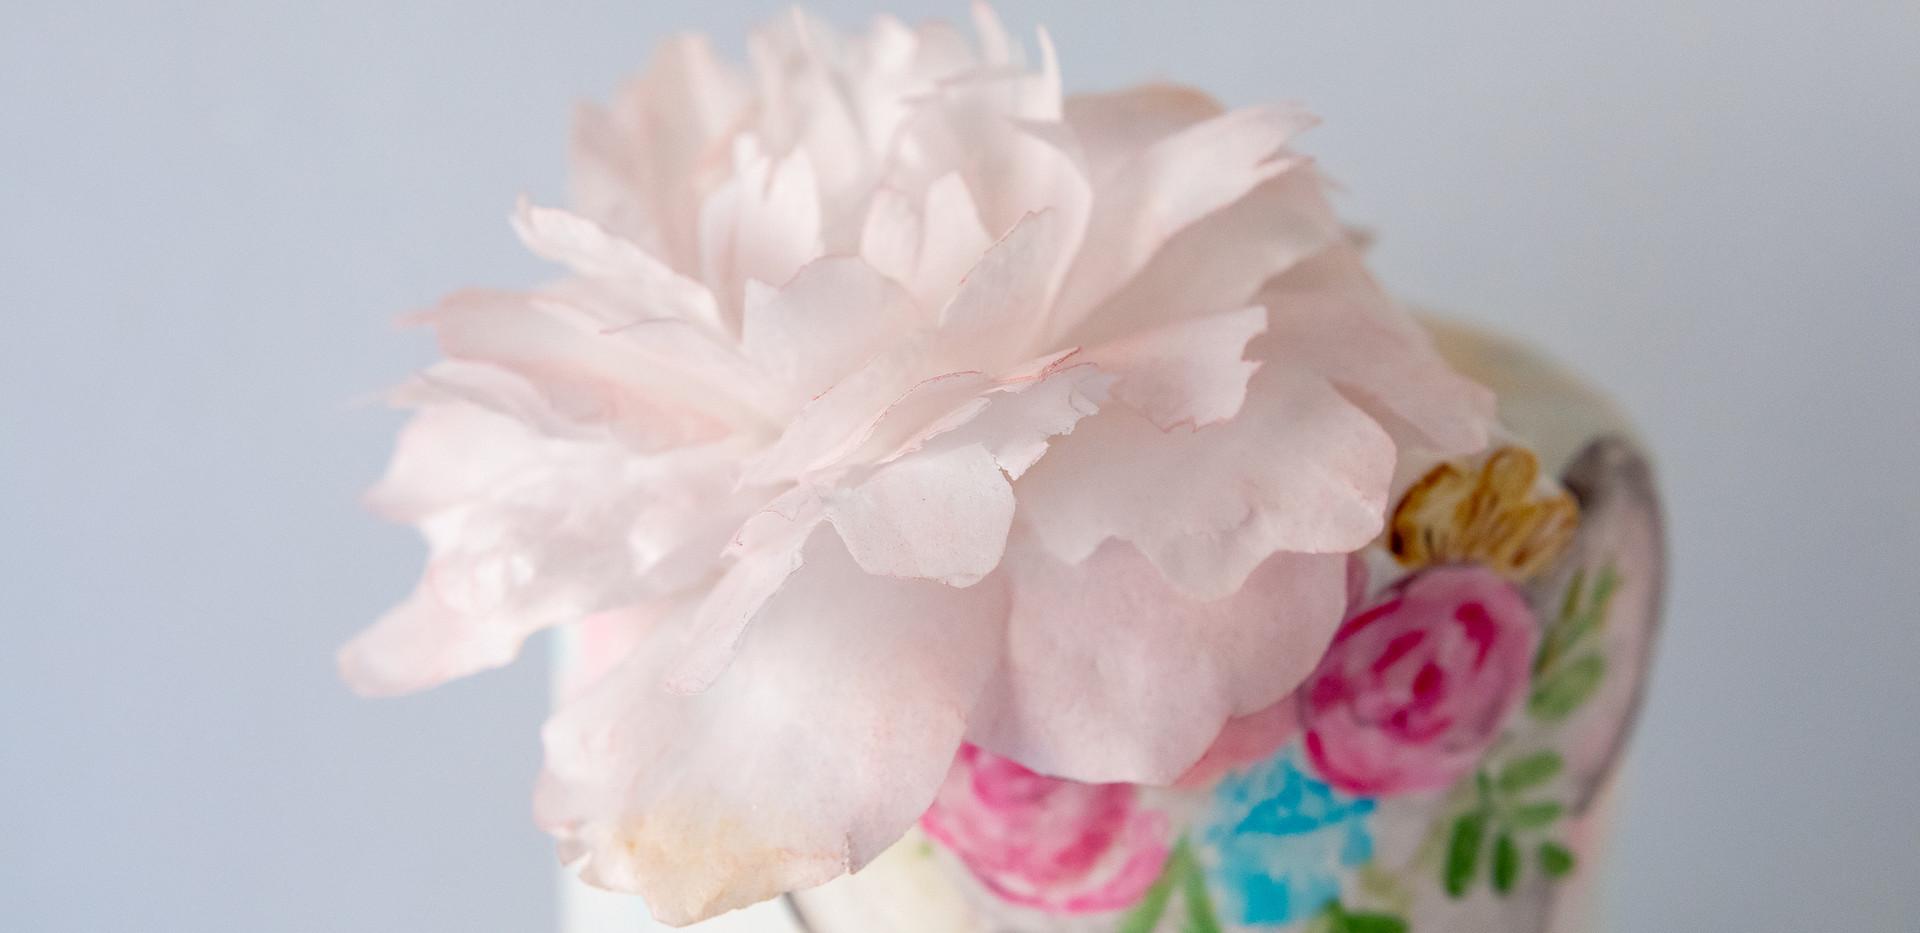 פרח פאוני מנייר אכיל